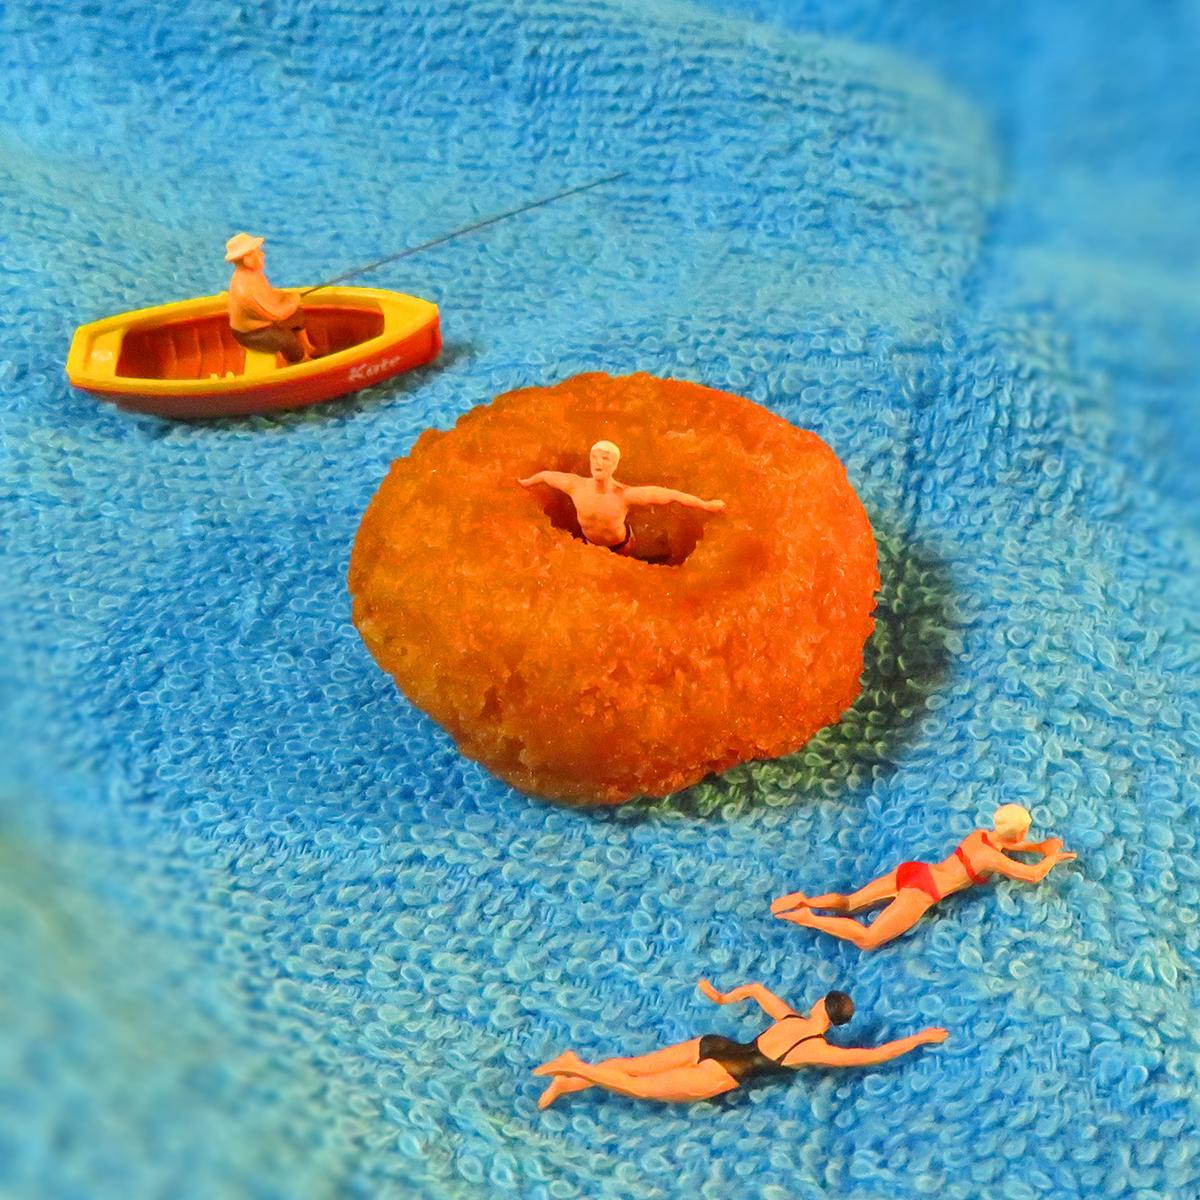 ドーナツ浮き輪に揺られて海を楽しむ人